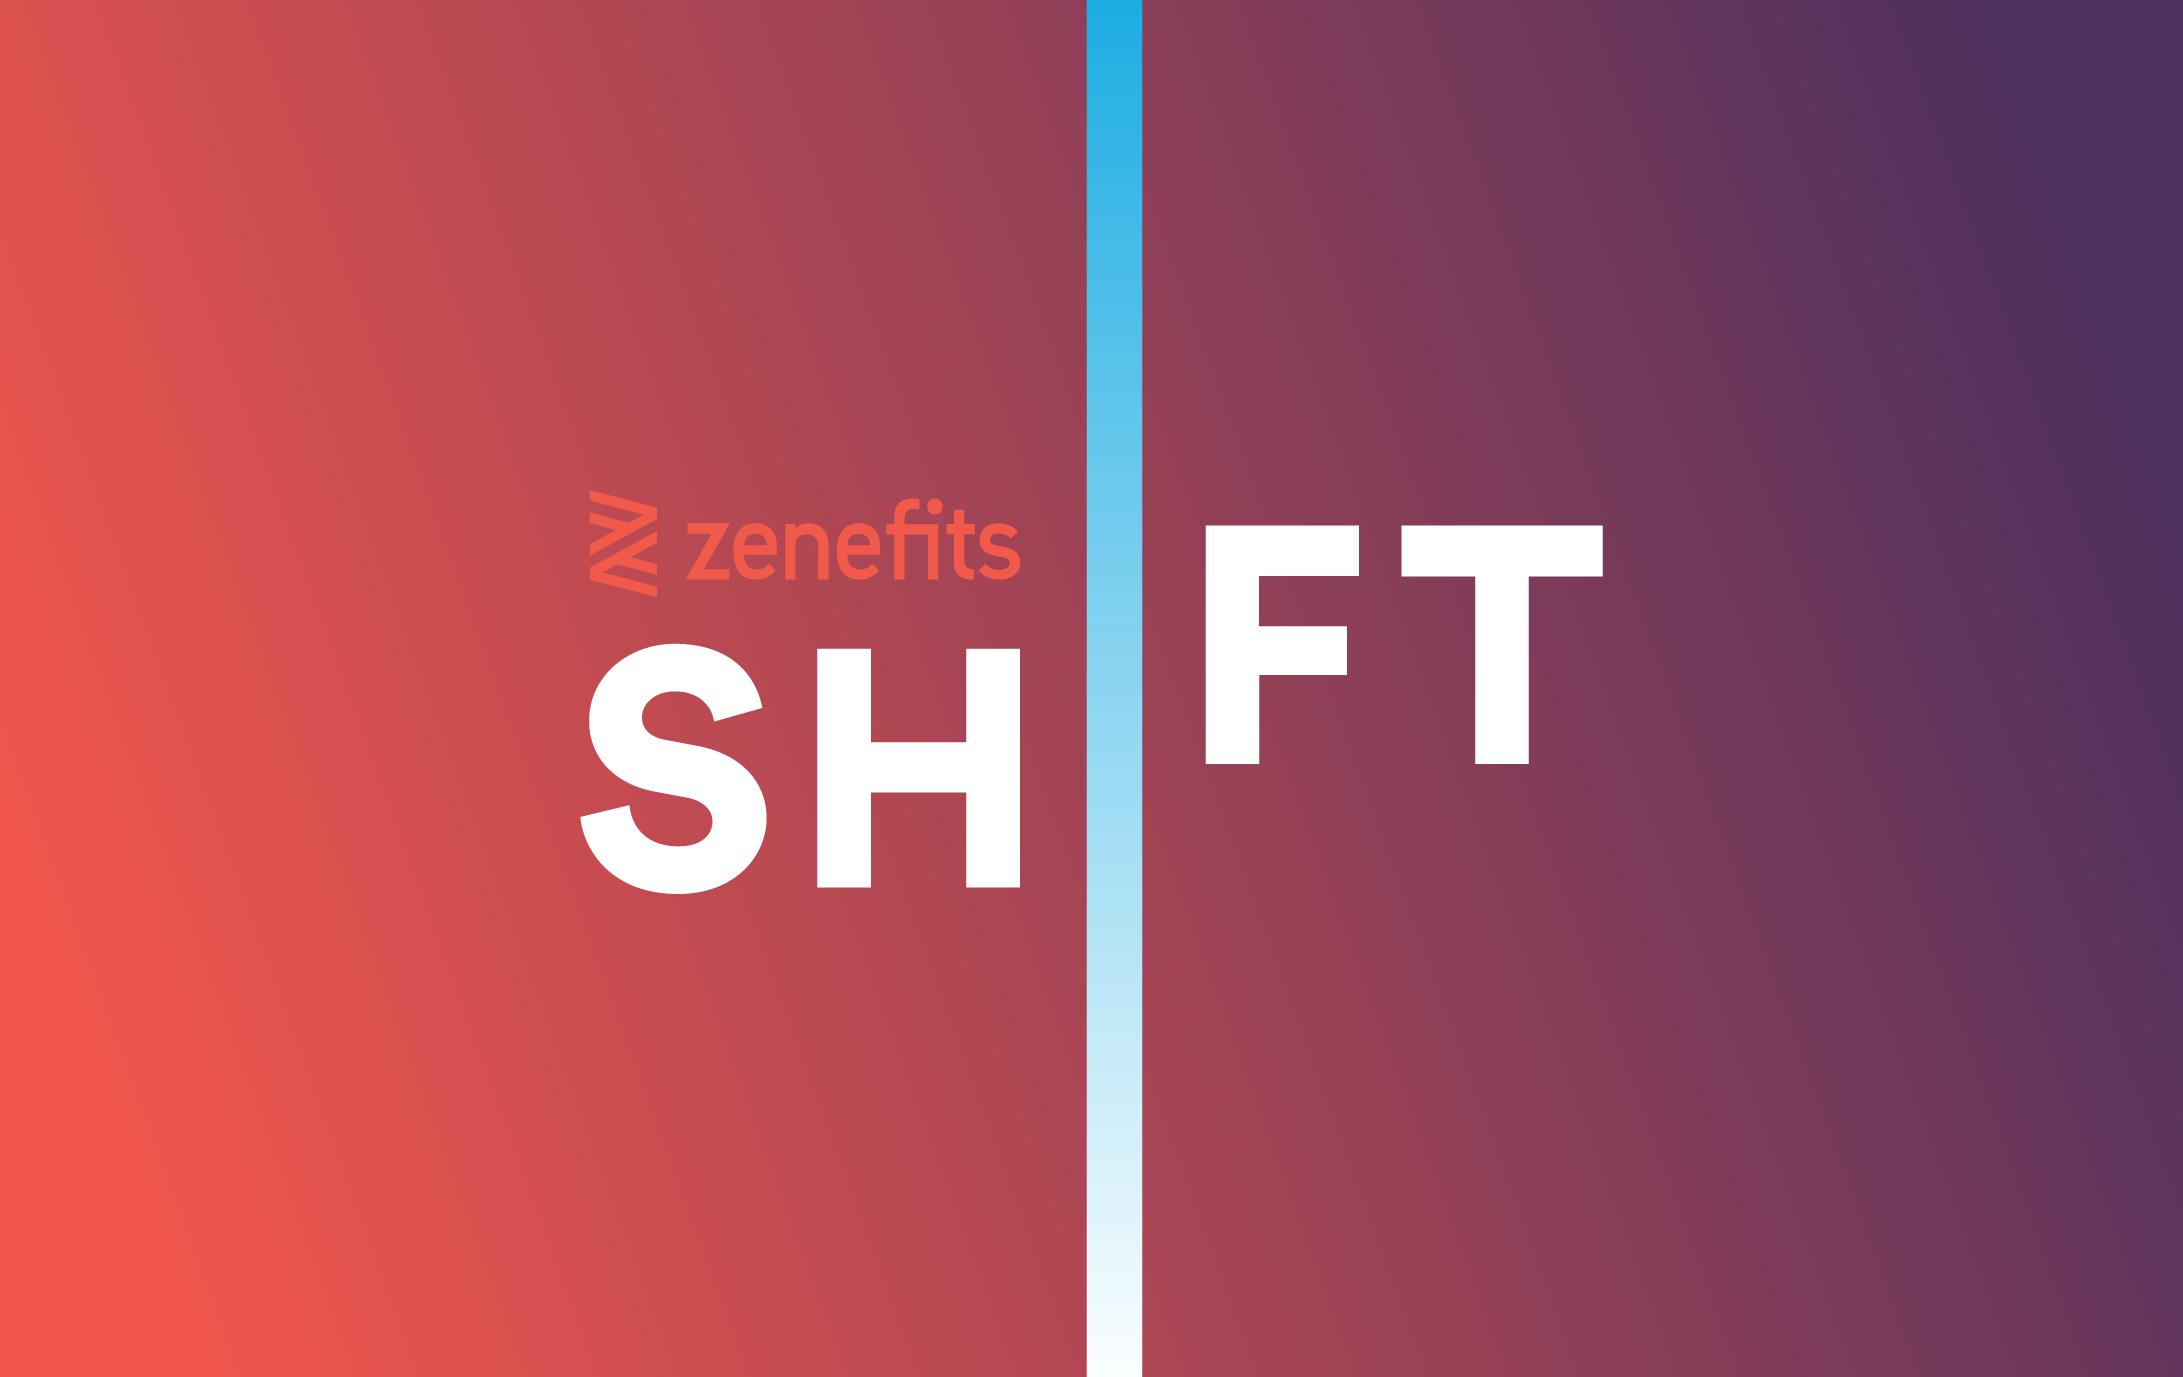 Zenefits Shift Portfolio Link